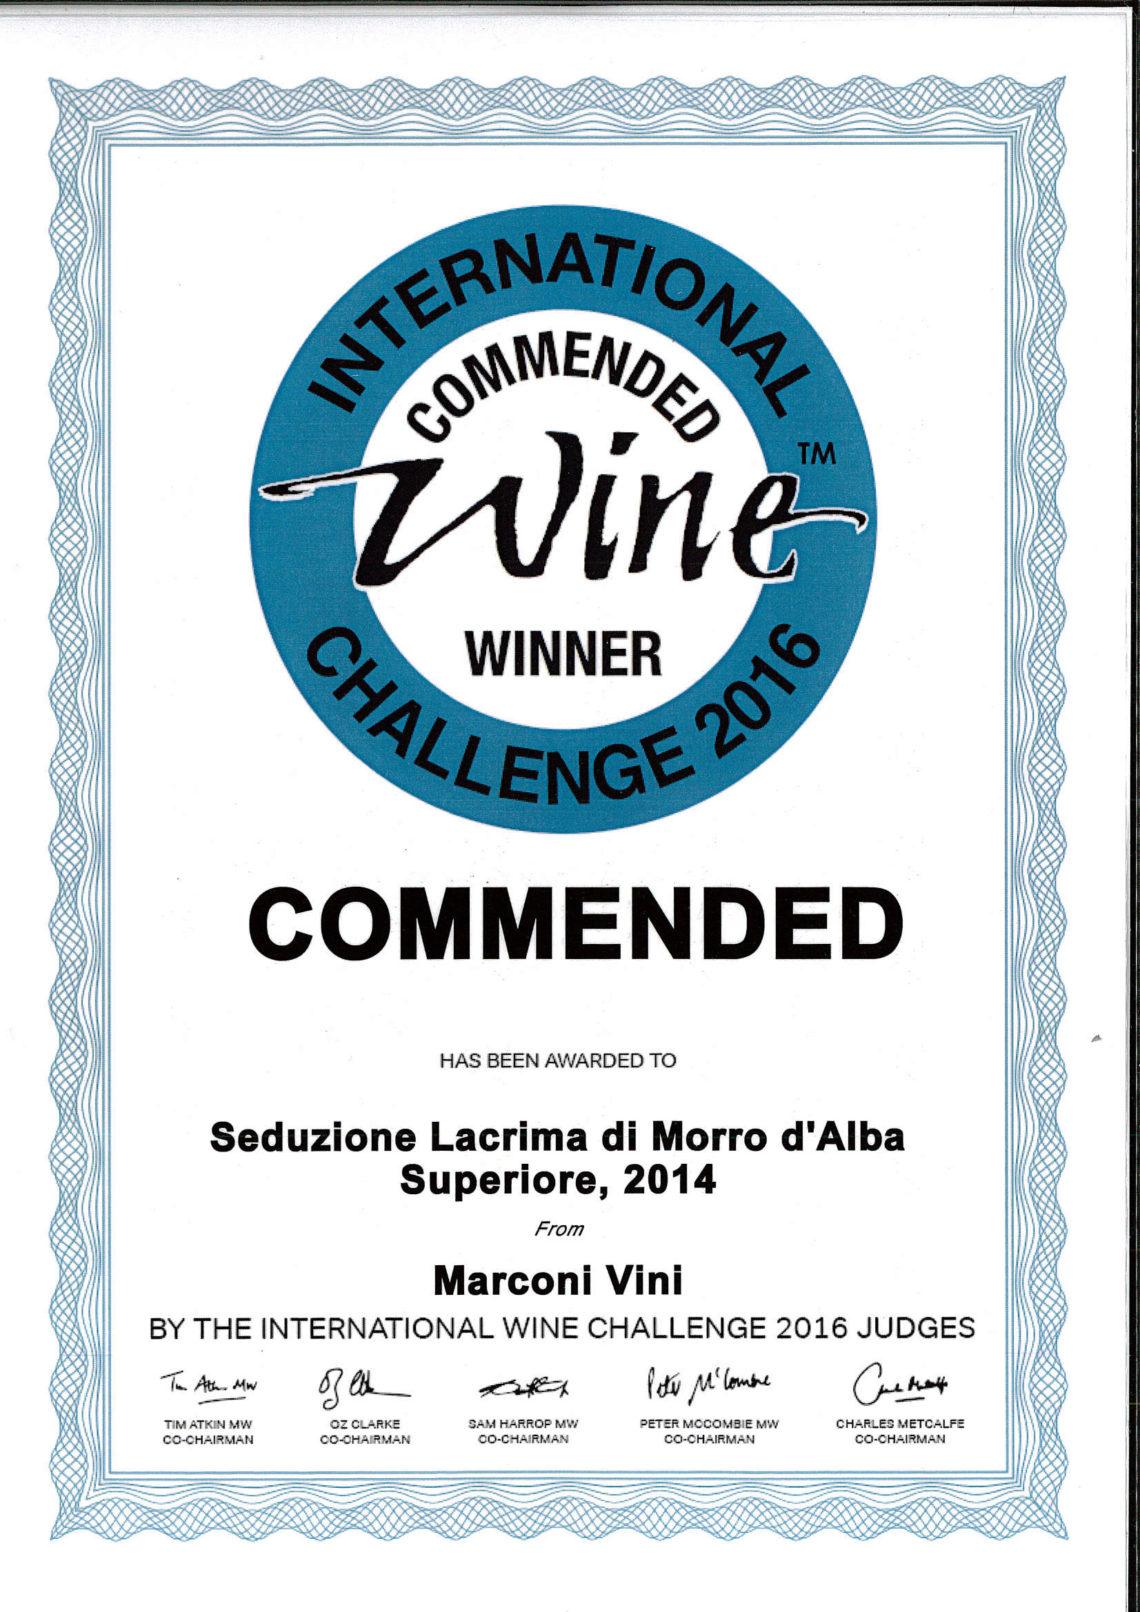 Marconi Vini - Lacrima di Morro d'Alba Superiore 2006 - Seduzione - Commended - International Wine Challenge 2016